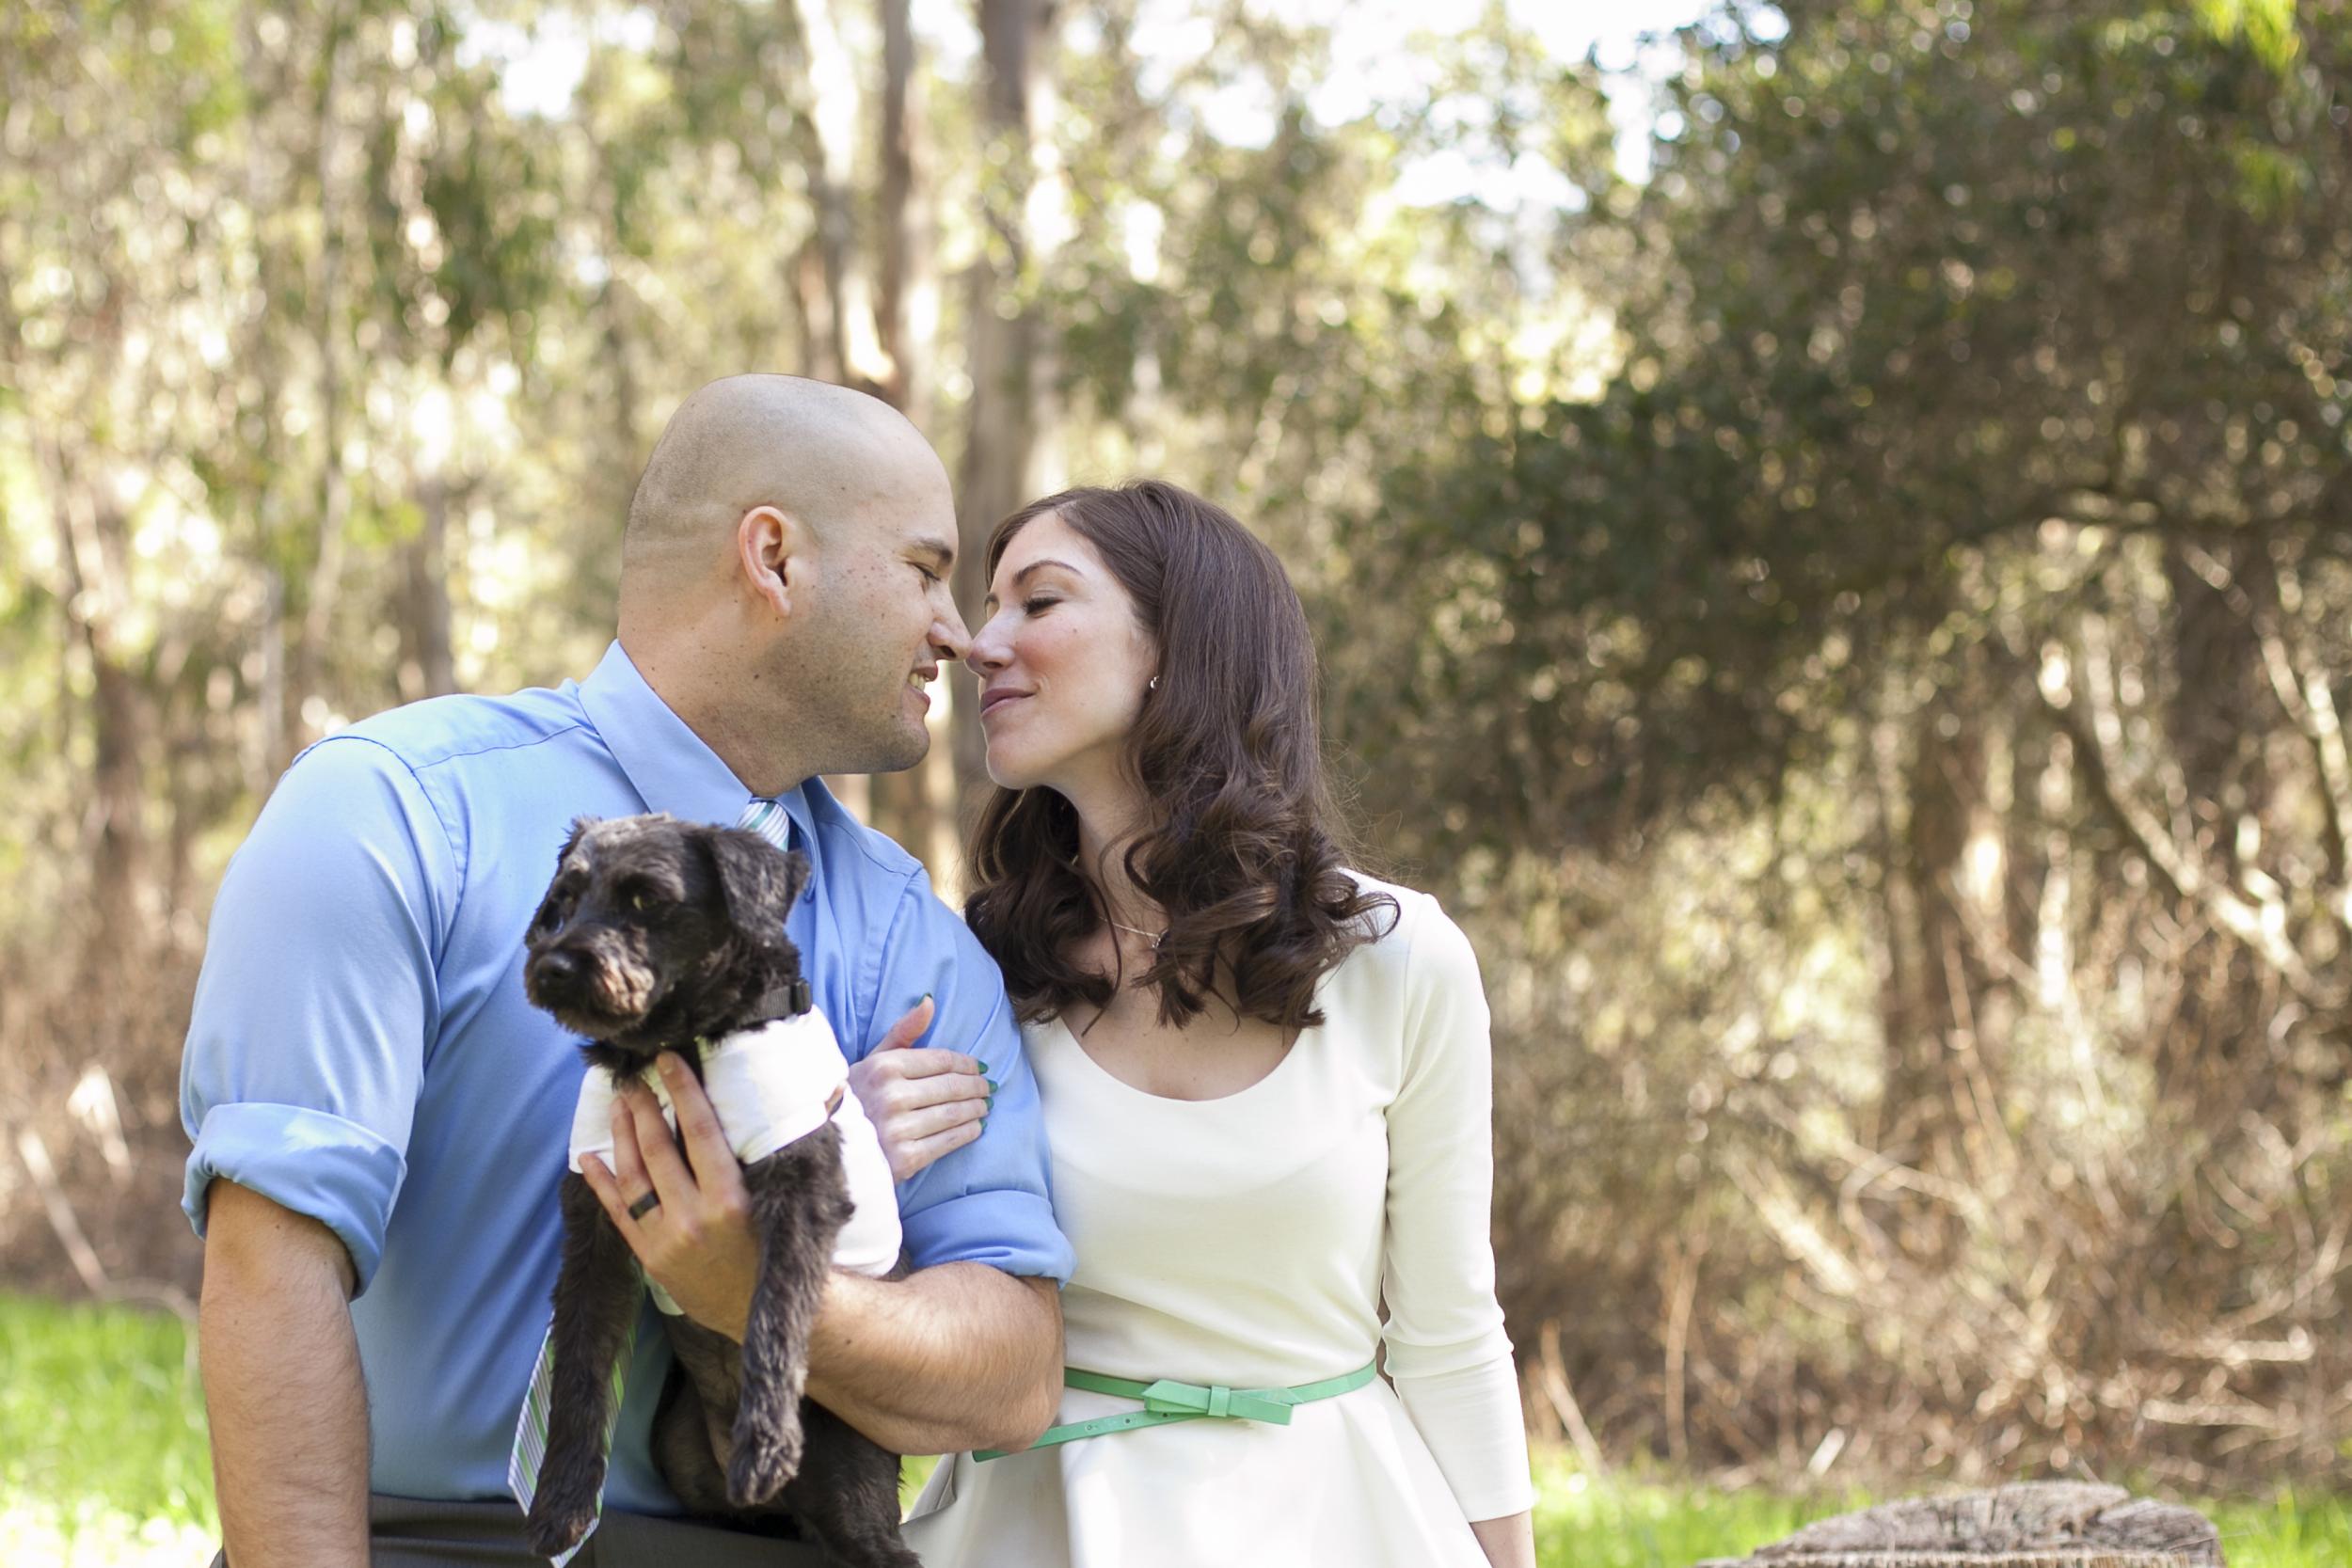 Tilden Park Berkeley Wedding Photographer-Meo Baaklini044.jpg